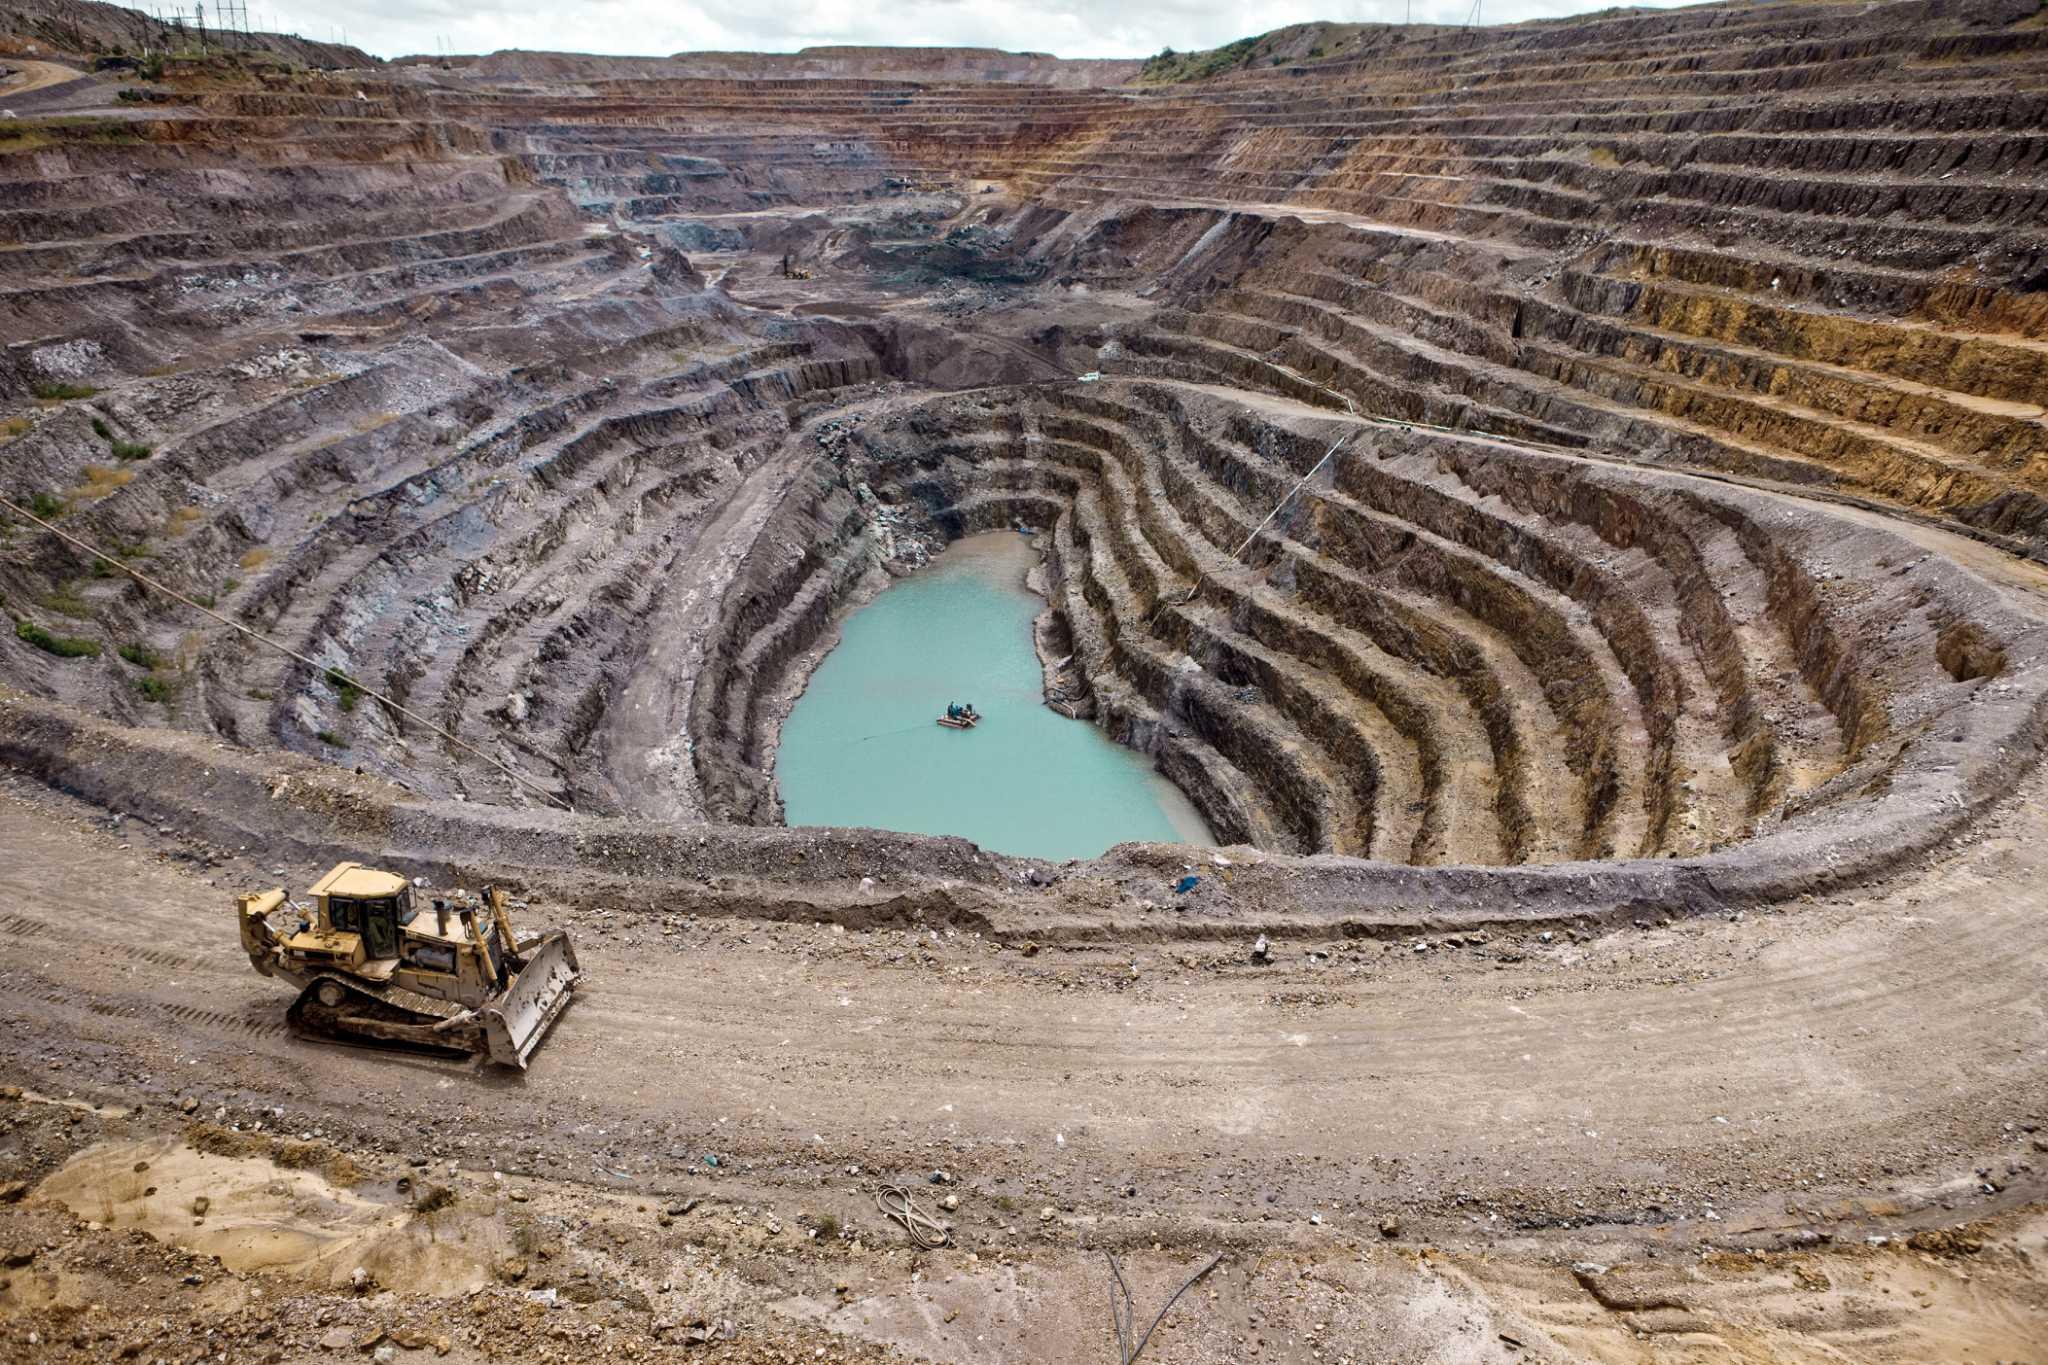 Kamoto Copper Company peut être recapitalisée — Glencore